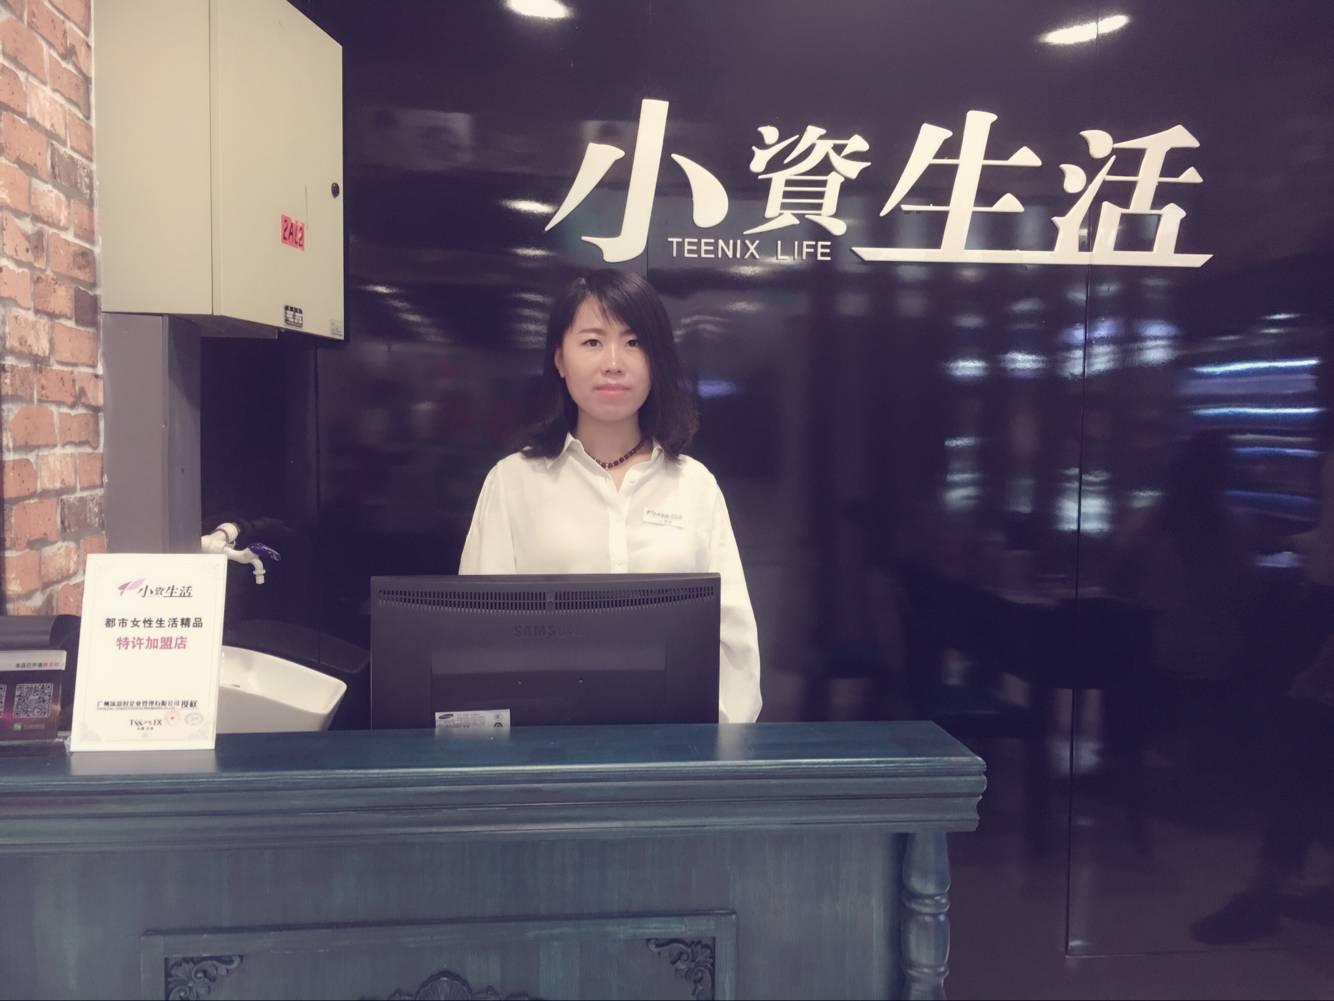 喜讯!热烈庆祝山东省淄博新店隆重开业!